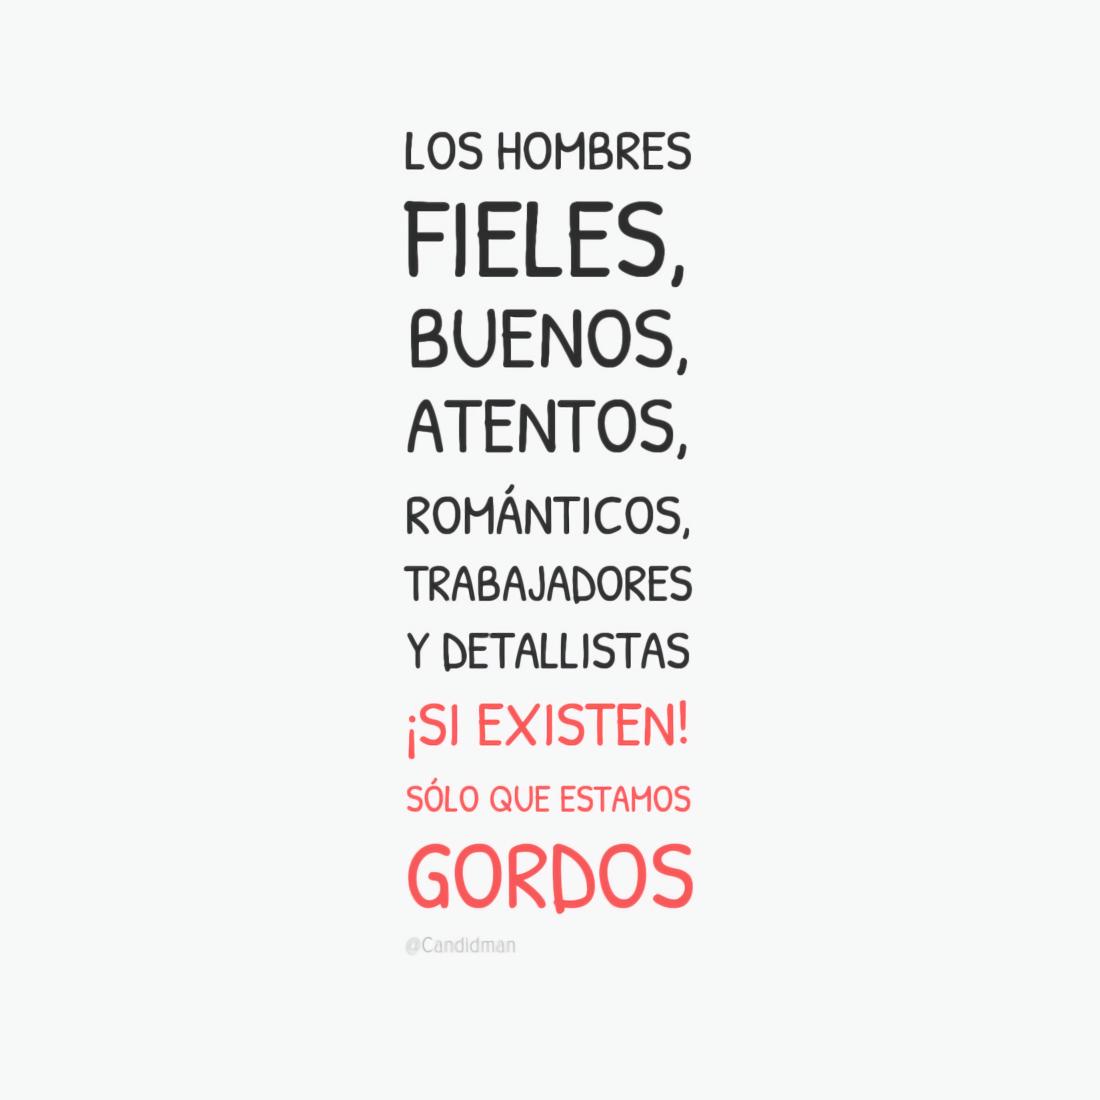 Frases Amor Tumblr 2016 Quotes Frasesamor Website